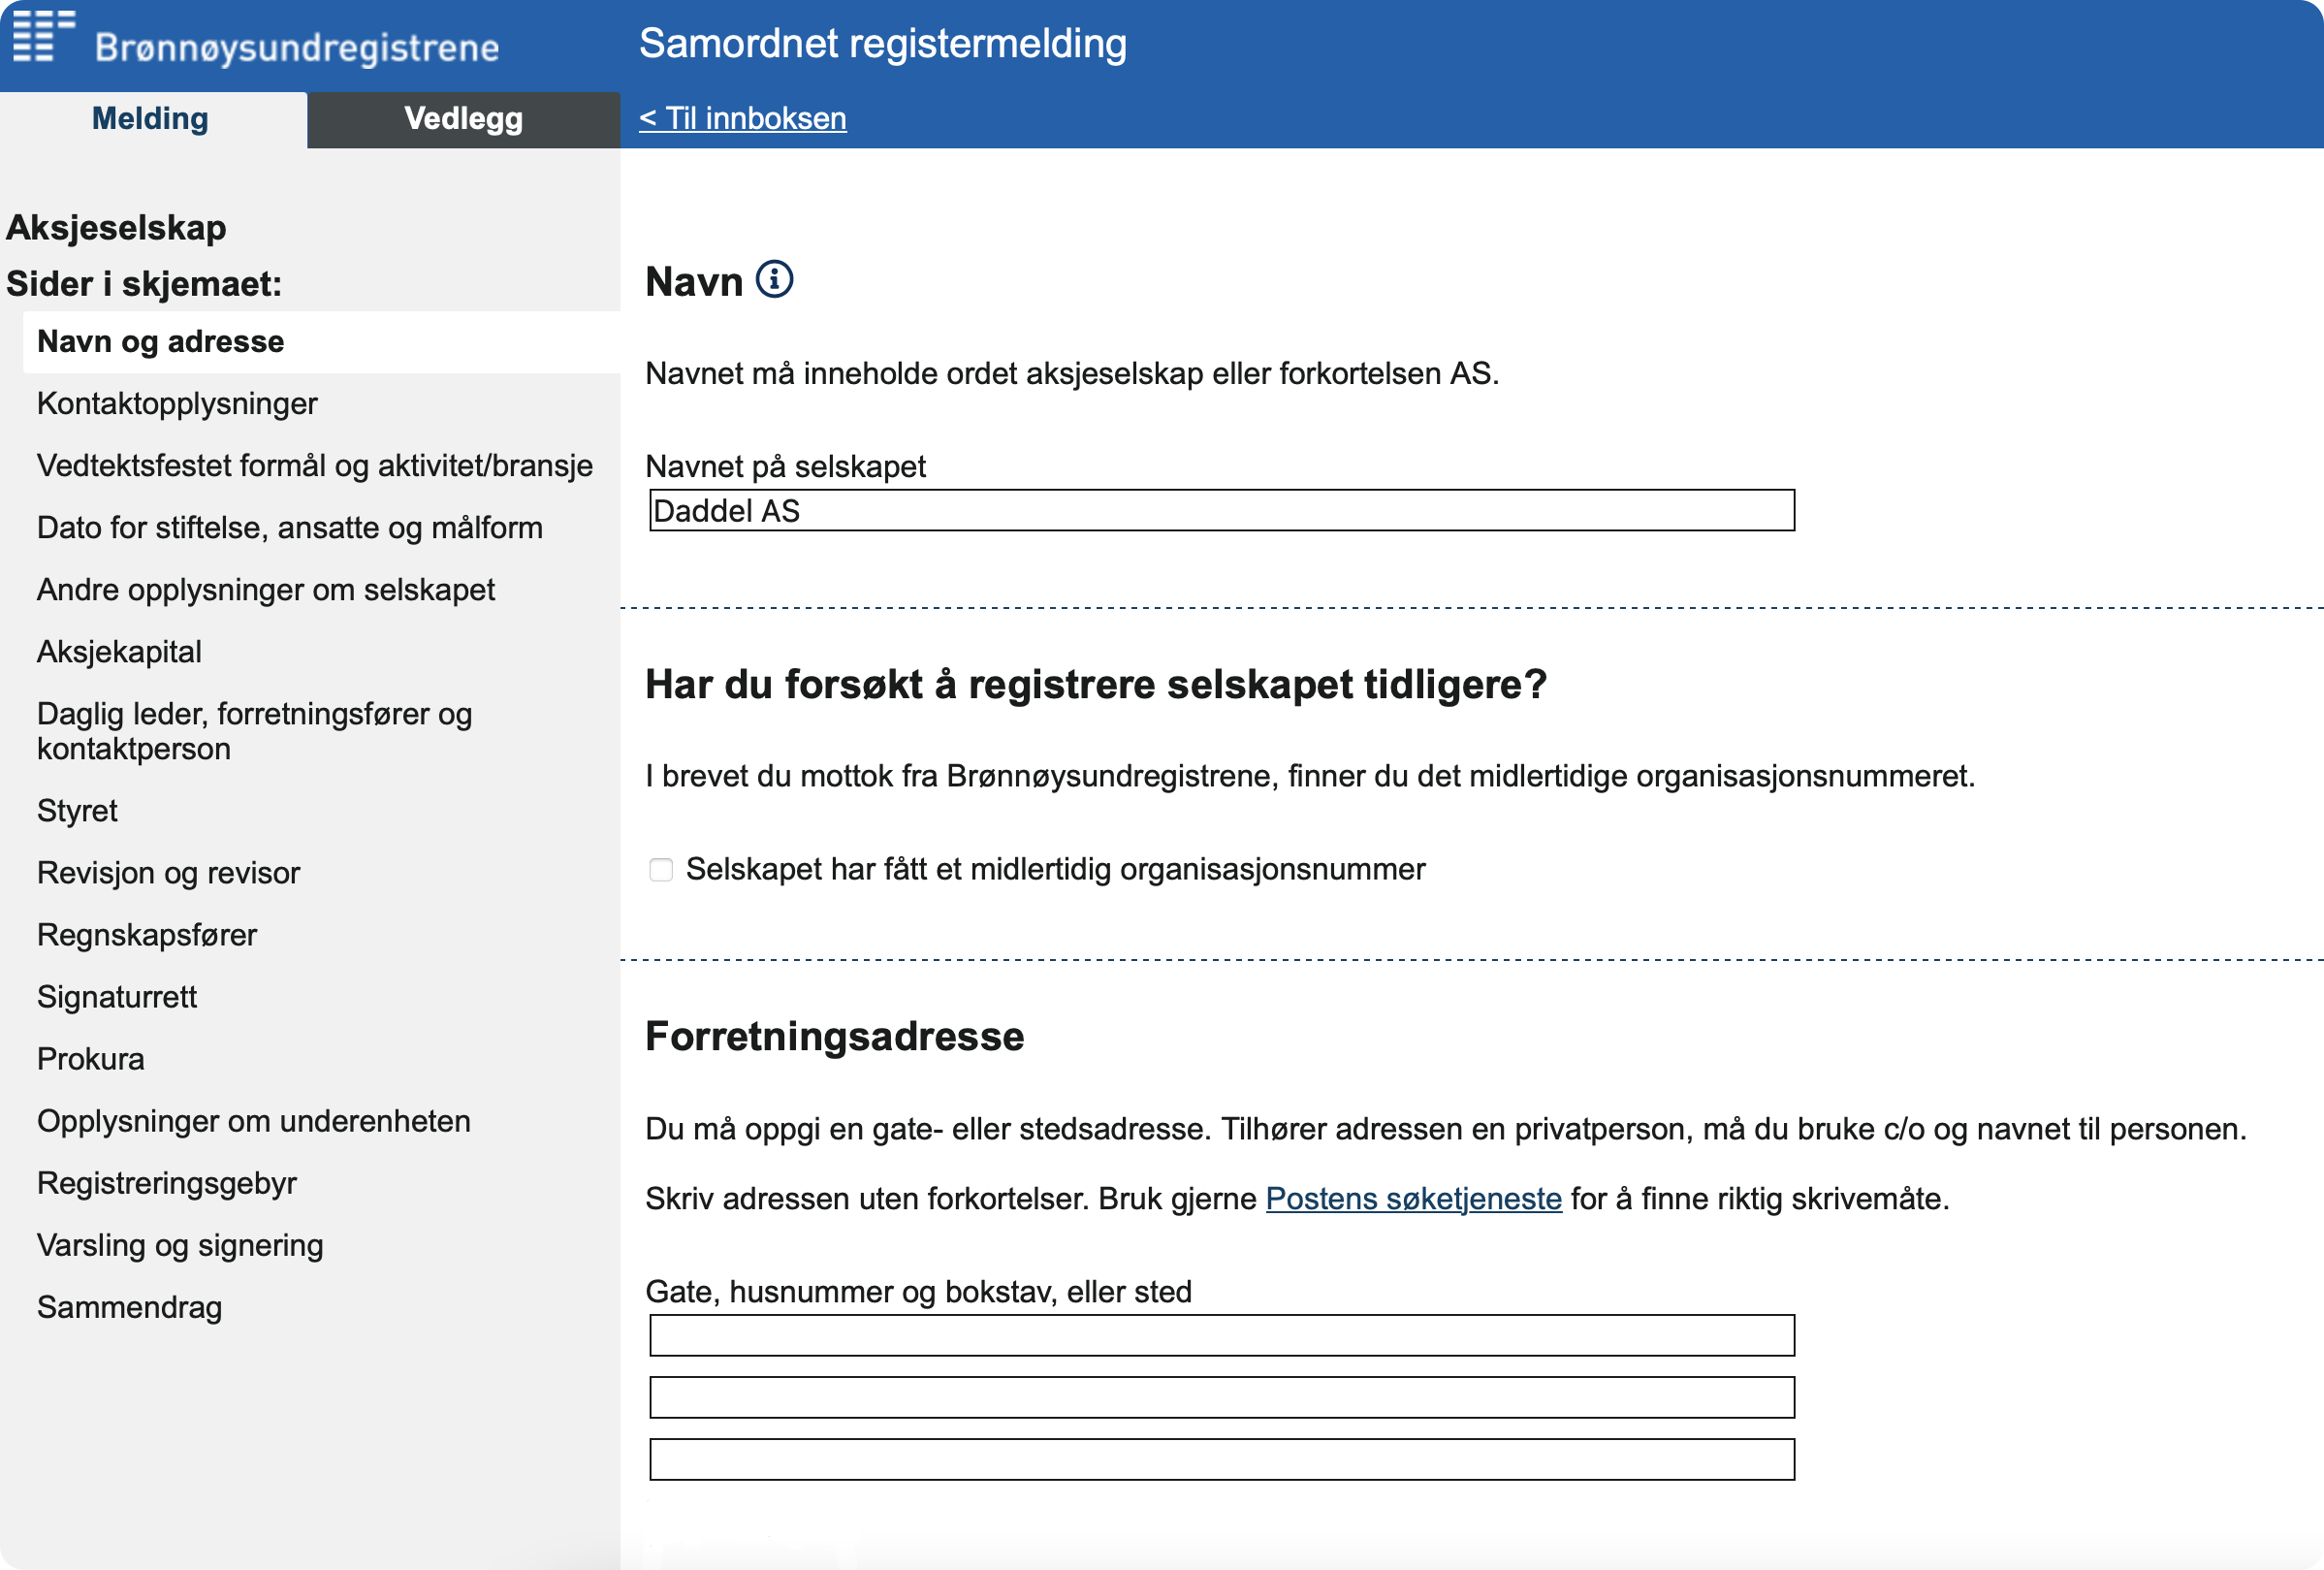 Skjermbilde som viser skjemaet Samordnet registermelding – brukes til registrering i foretaksregisteret.